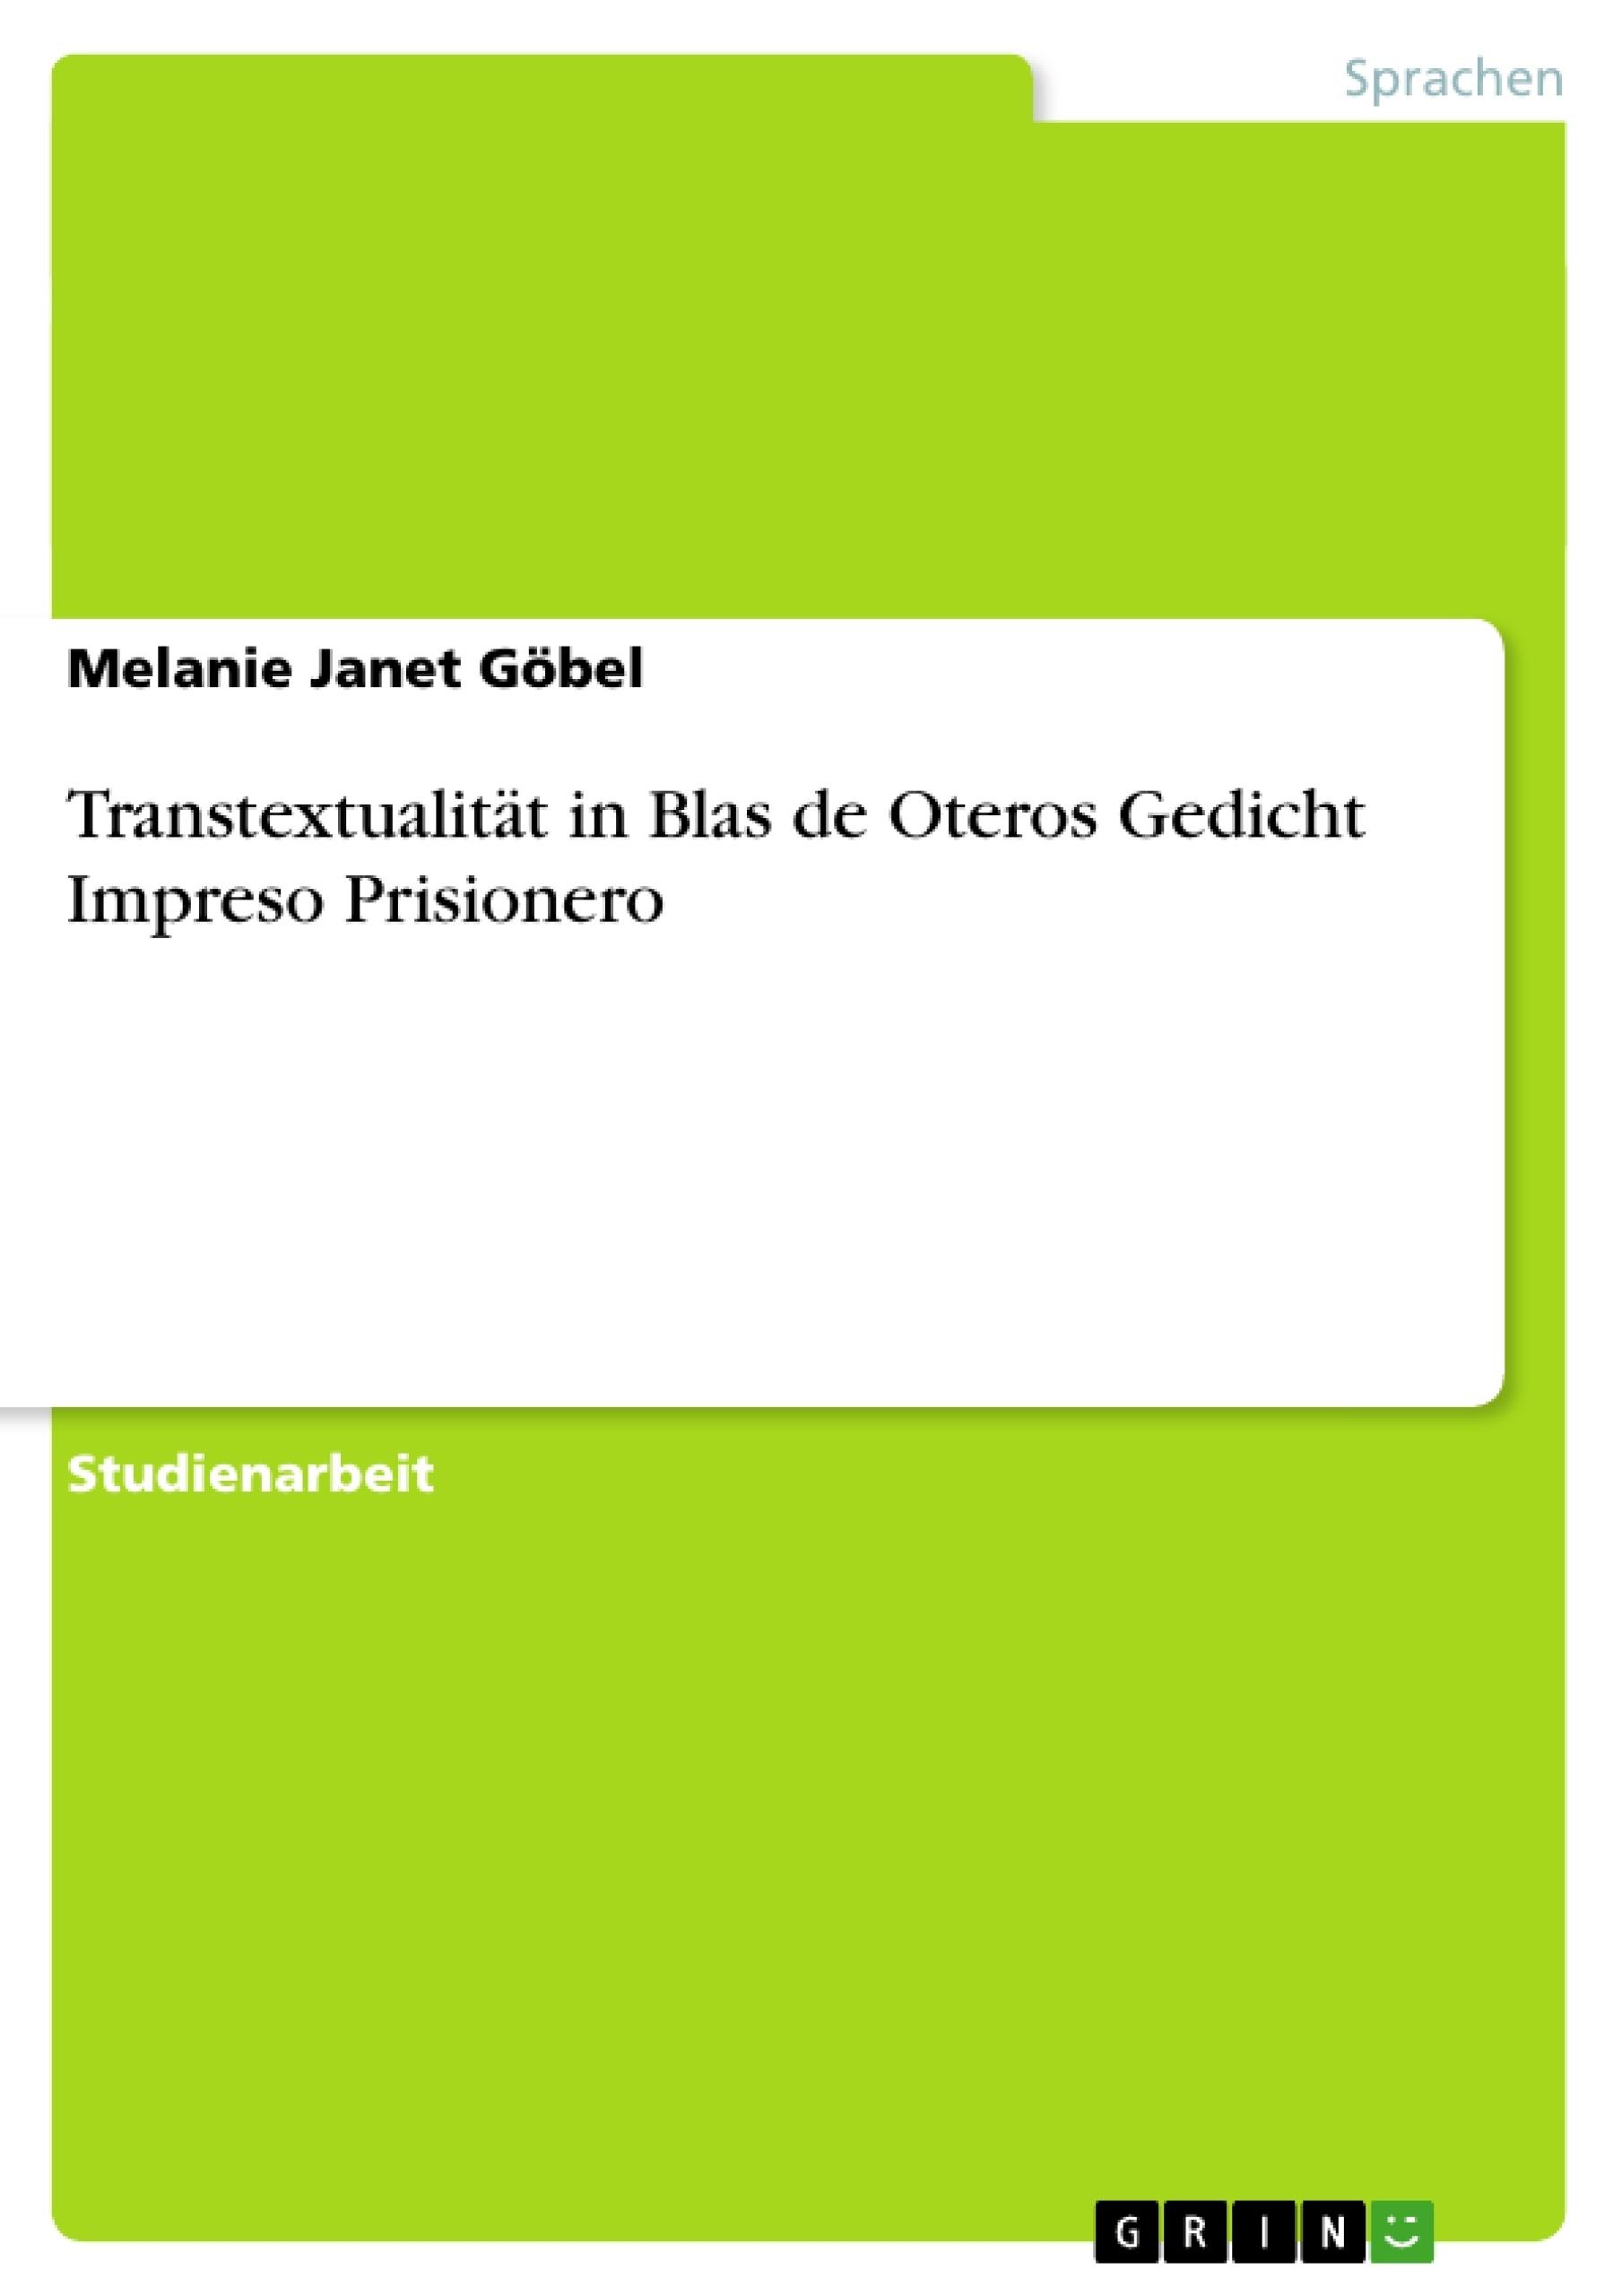 Titel: Transtextualität in Blas de Oteros Gedicht Impreso Prisionero